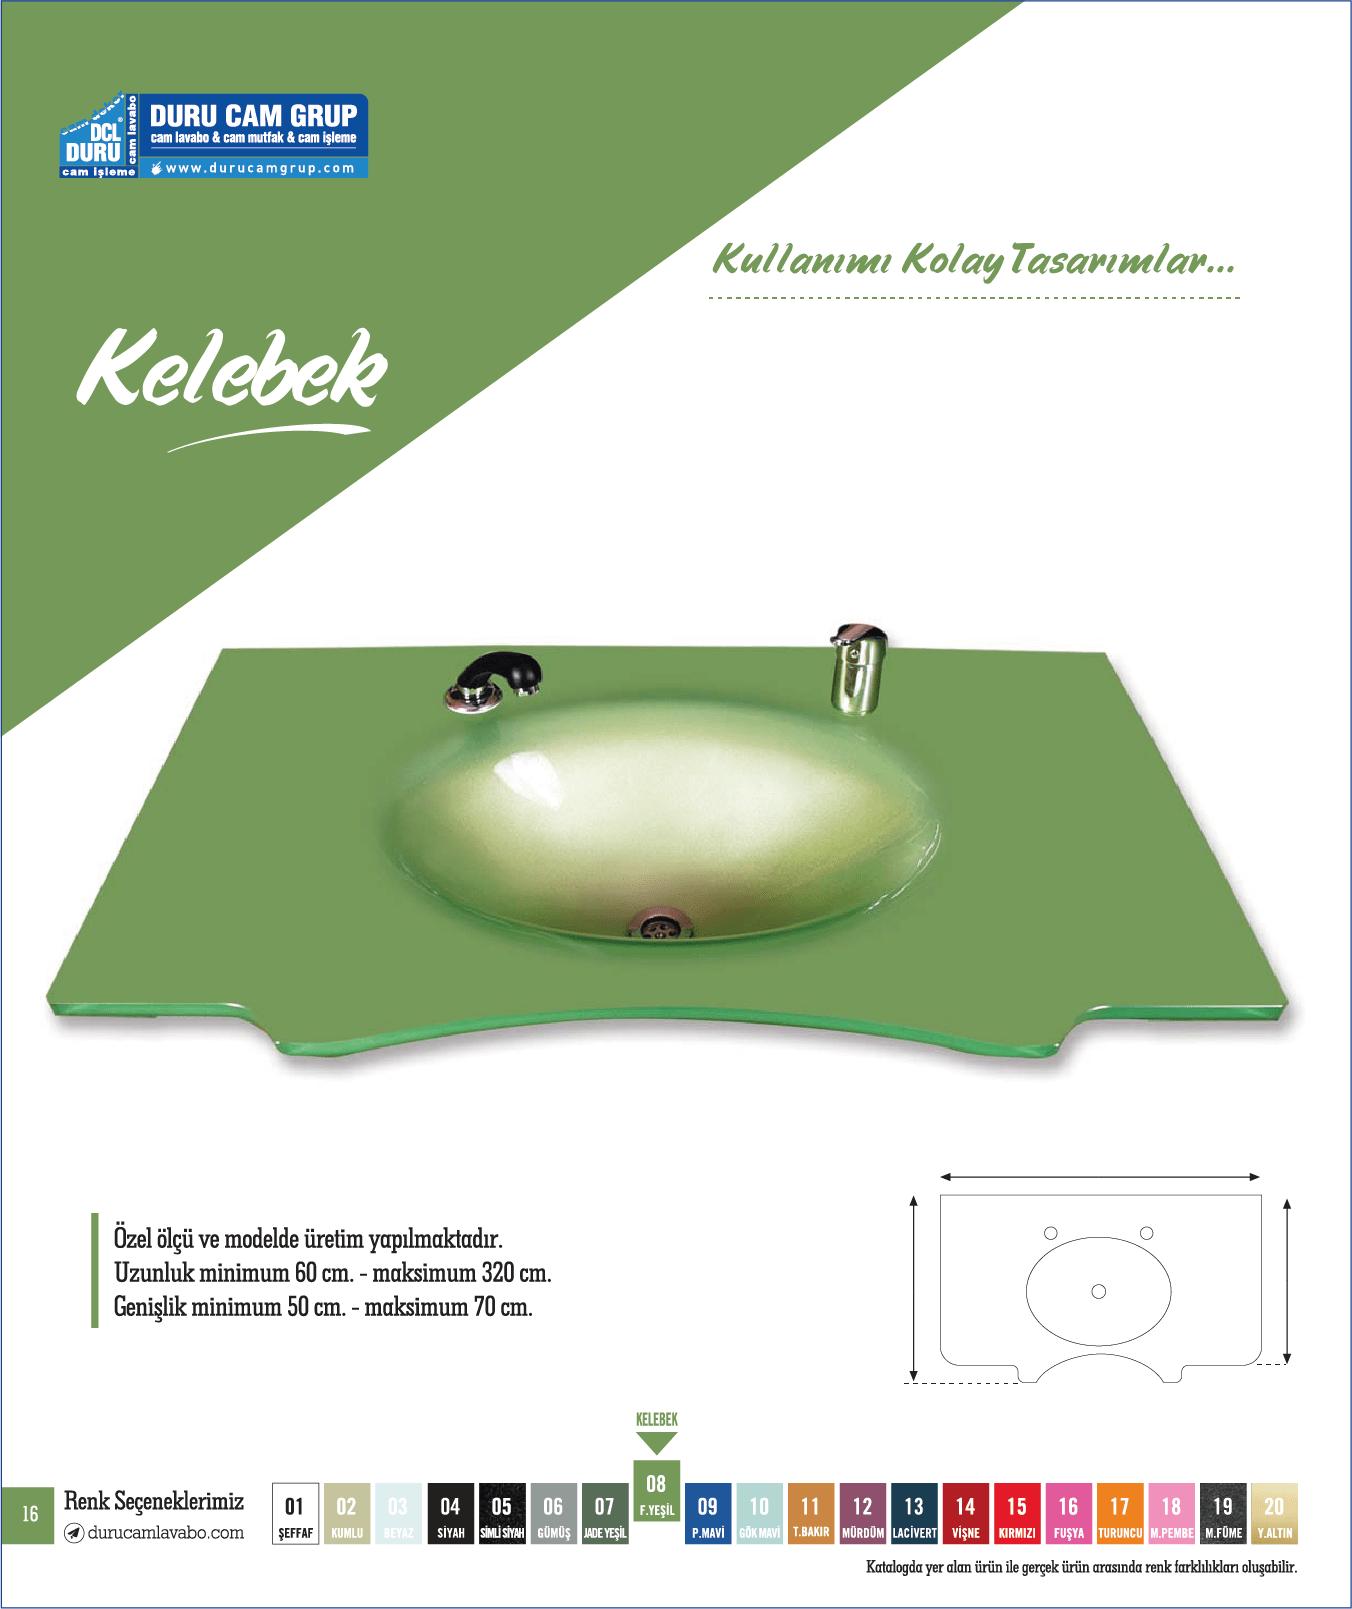 Kelebek Model (Yeşil)